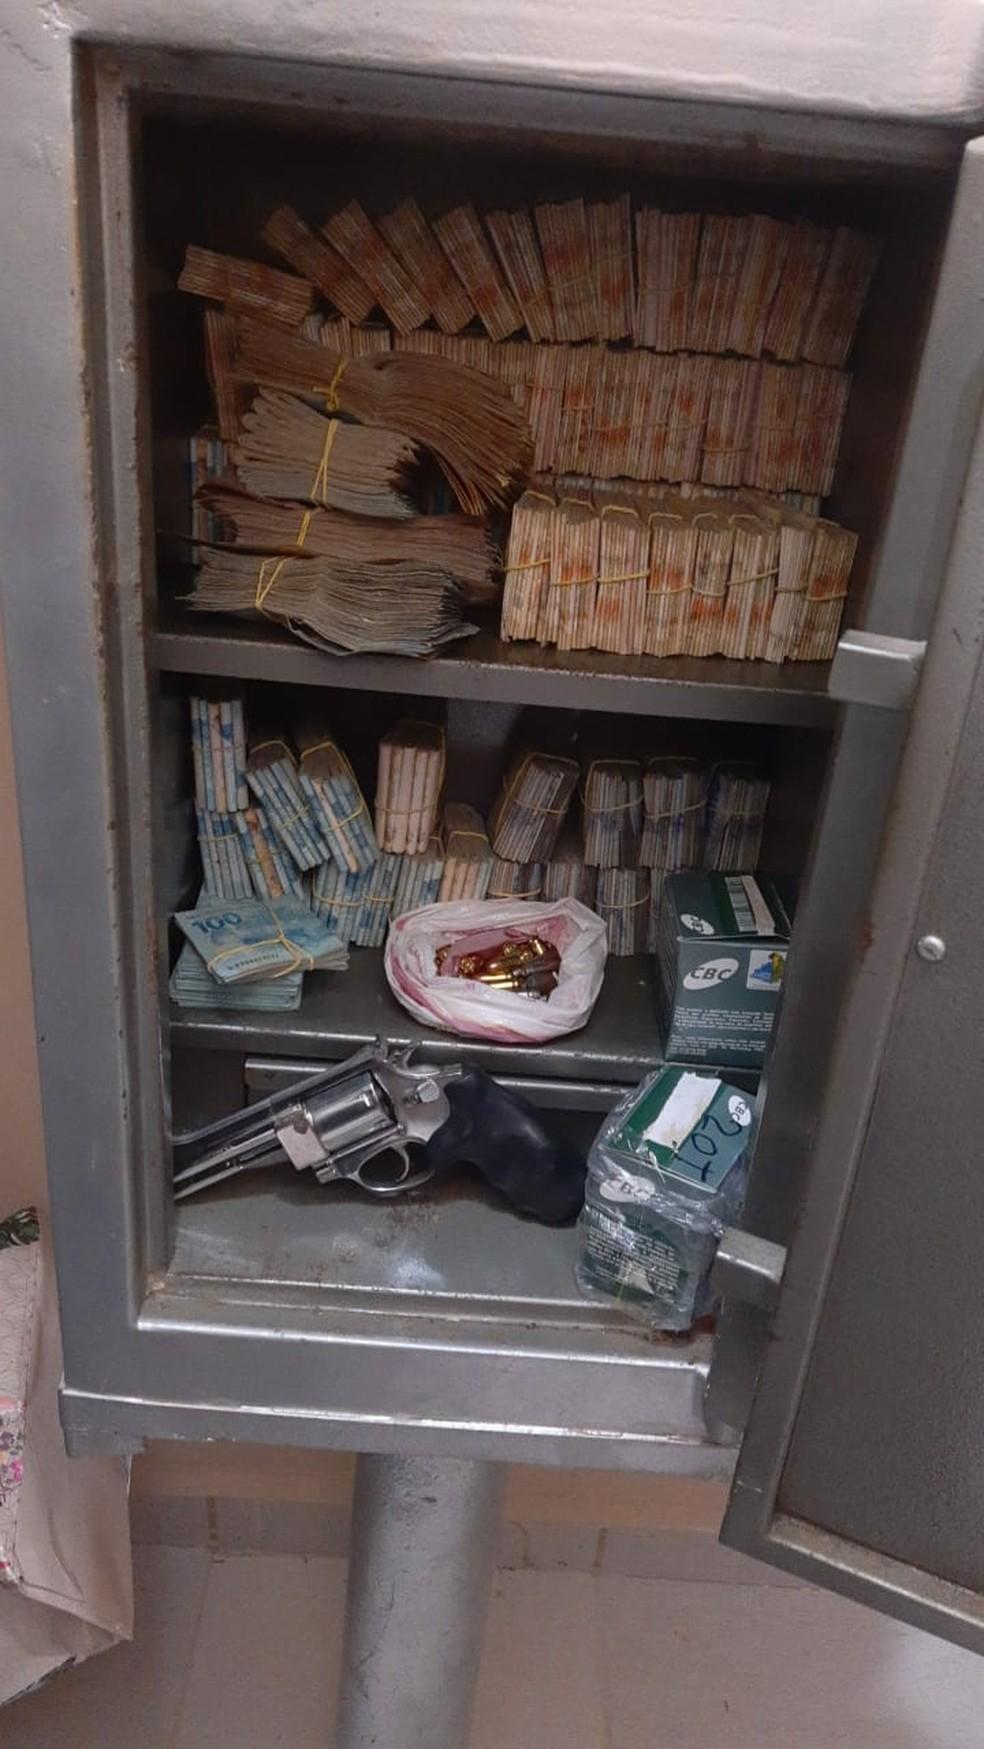 Dinheiro foi encontrado dentro de cofre na cidade de Arapiraca, Alagoas — Foto: SSP